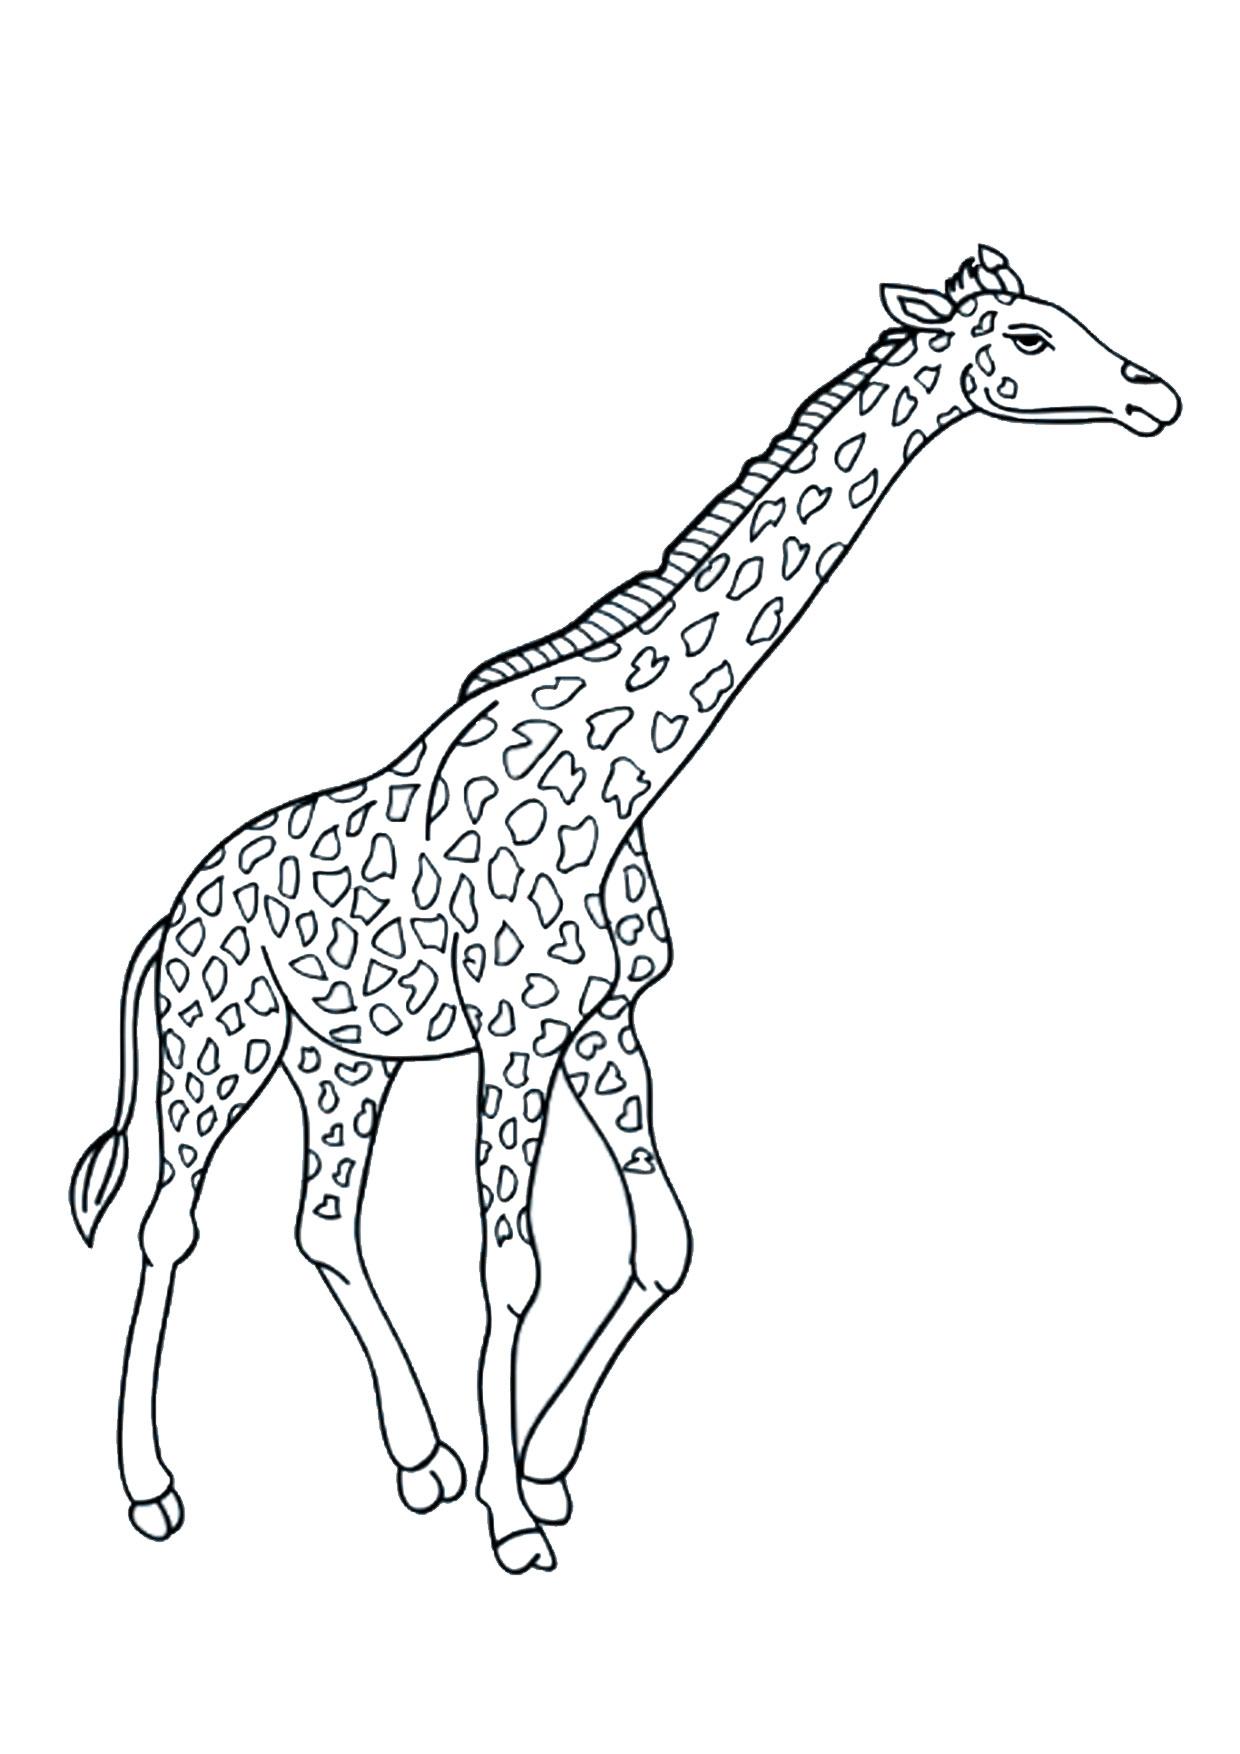 Disegno di giraffa 10